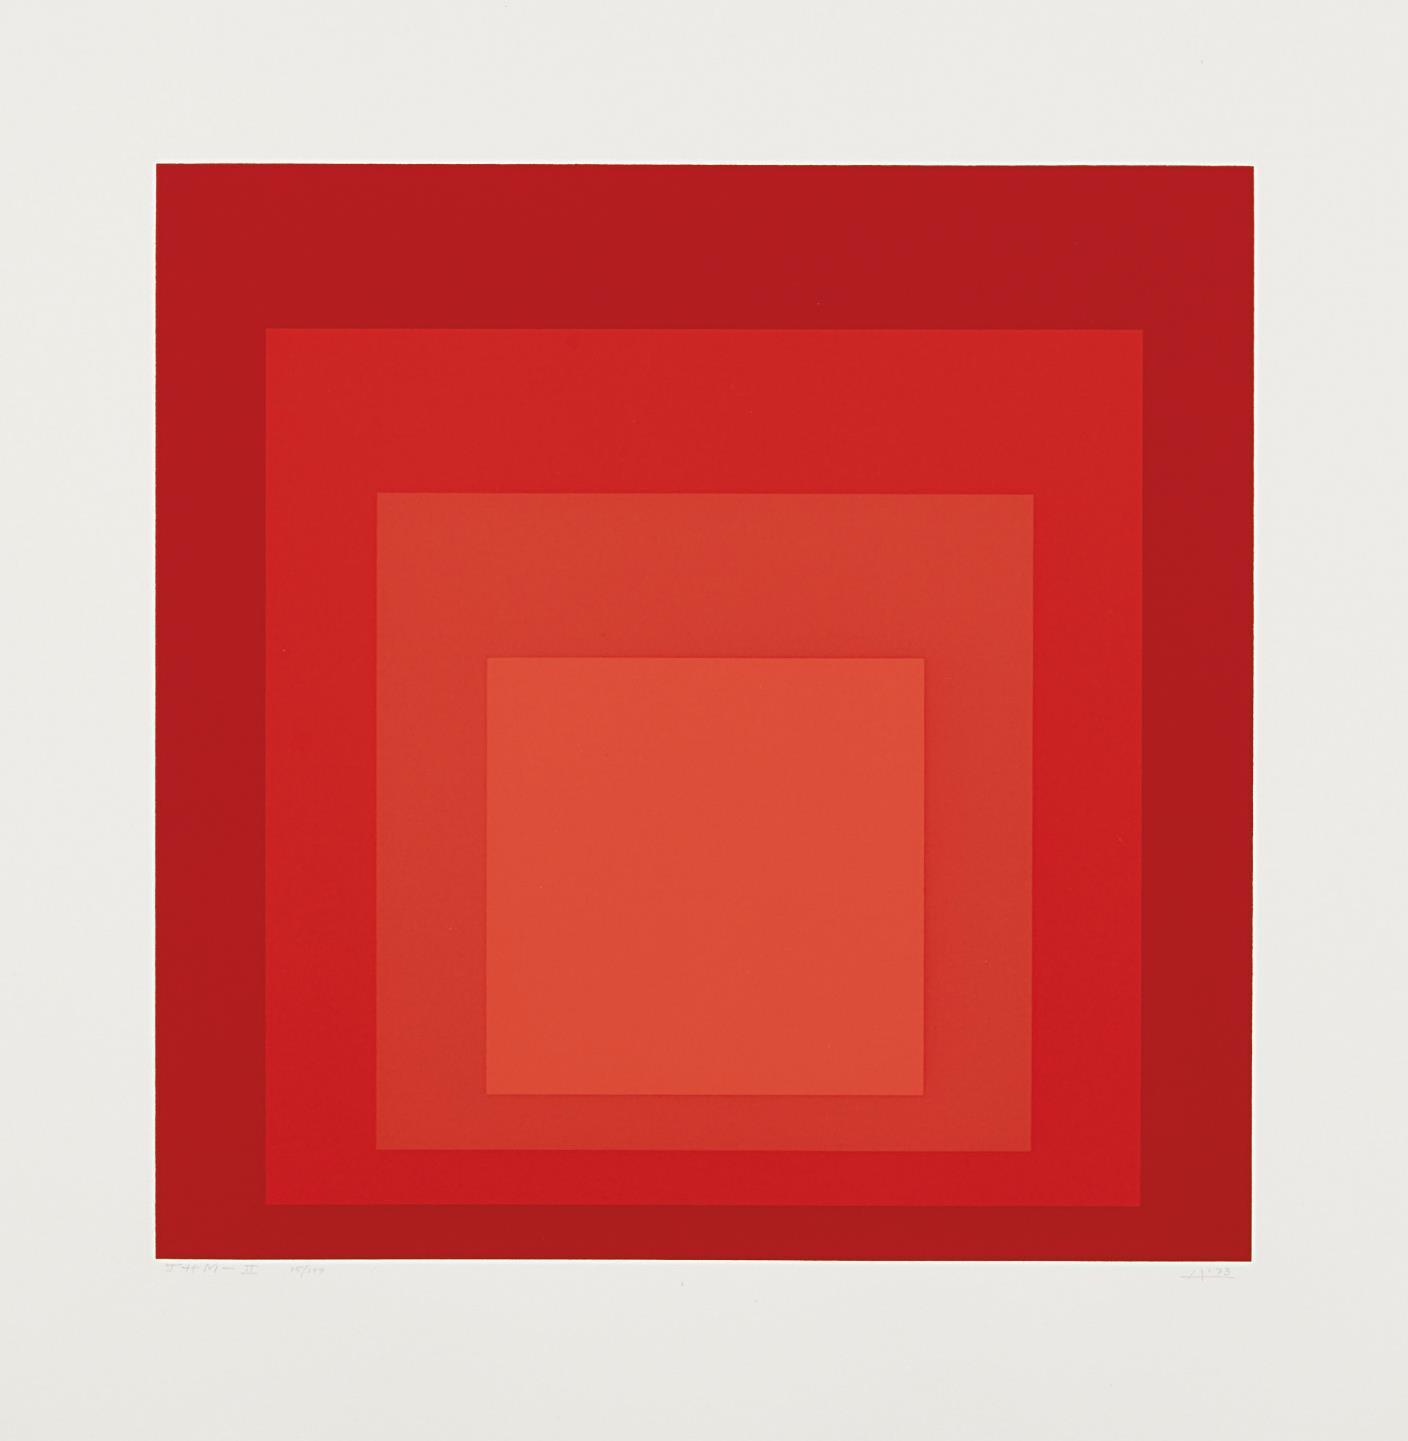 Josef Albers-Jhm-Ii-1973